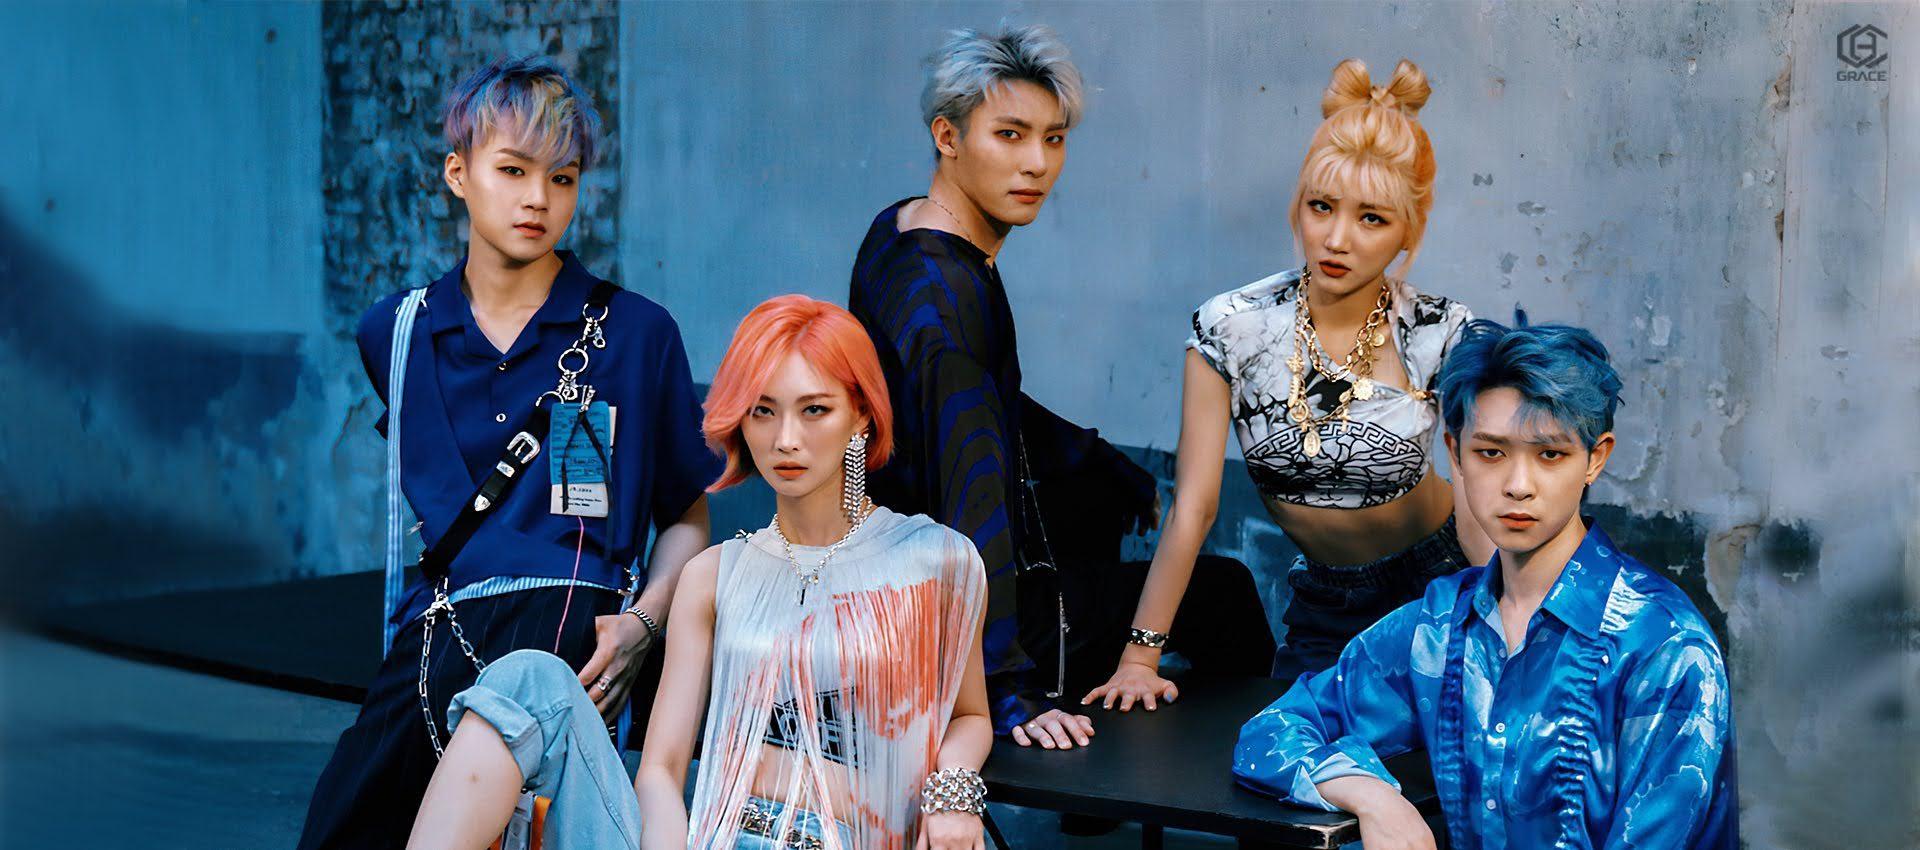 kpop男女ユニット「CHECKMATE」とは?メンバーや魅力を紹介